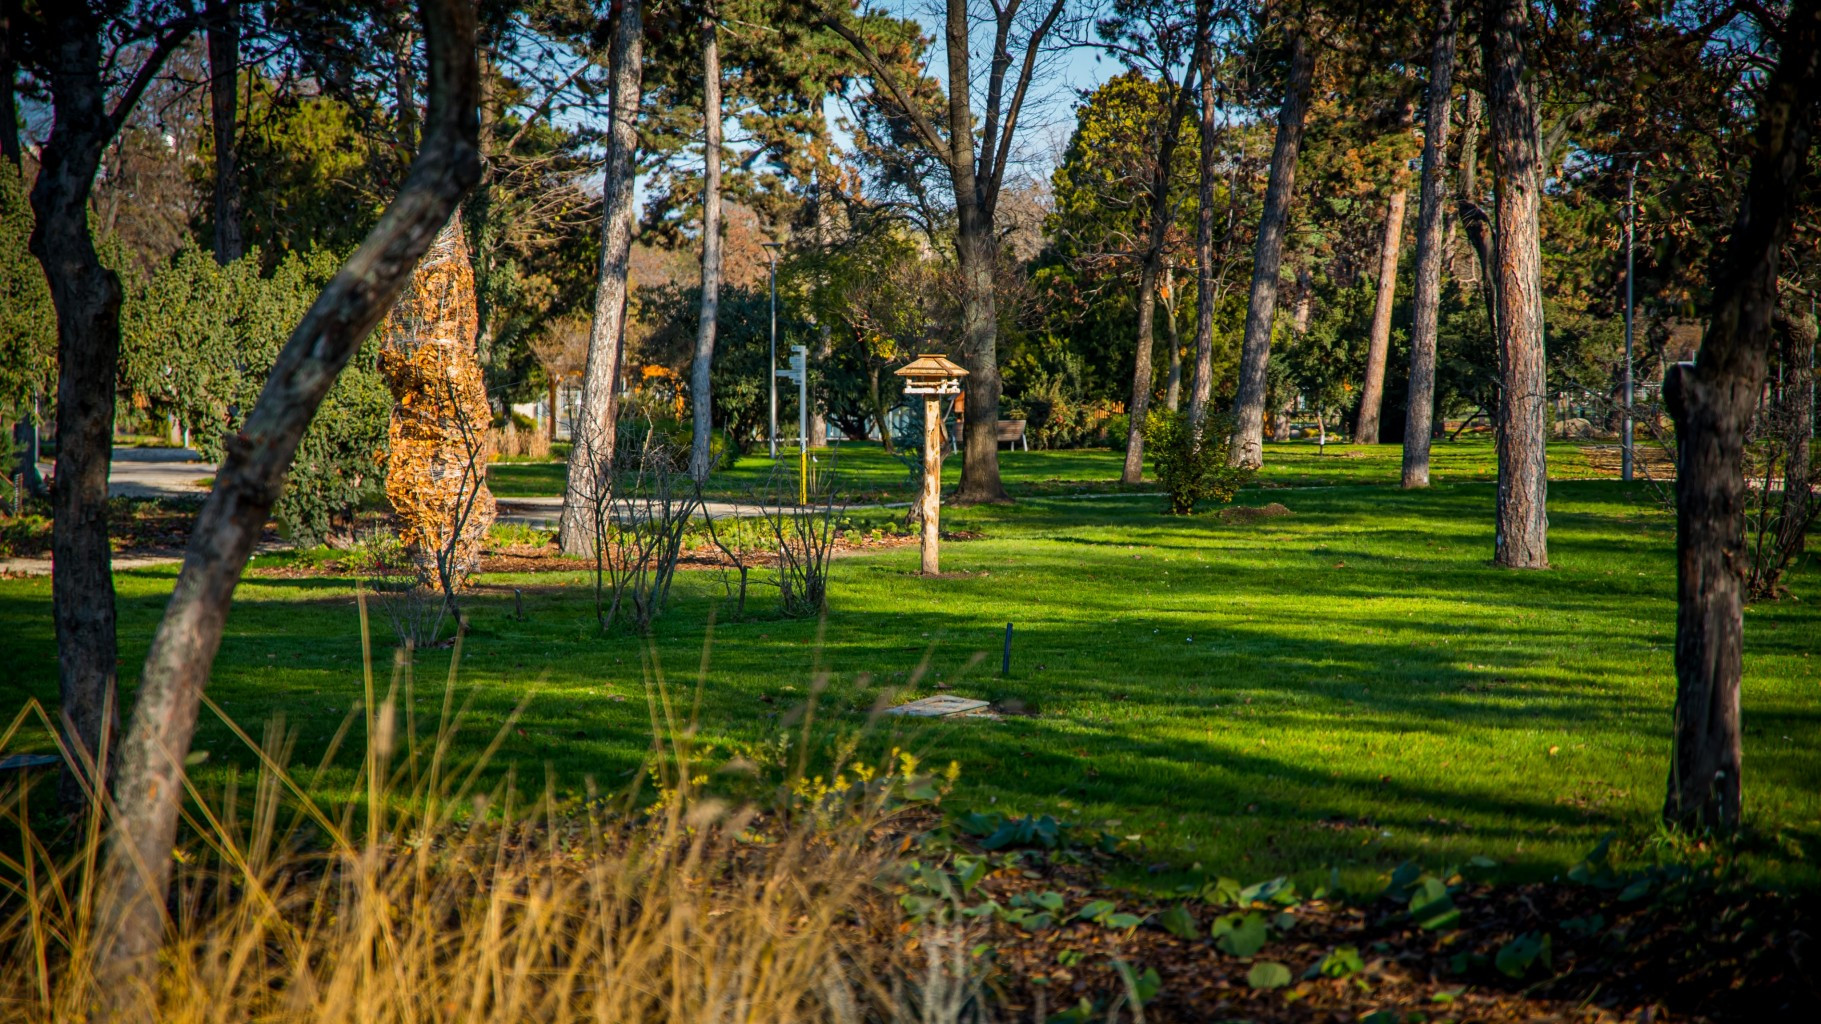 Mihály Mőcsényi Botanical Garden